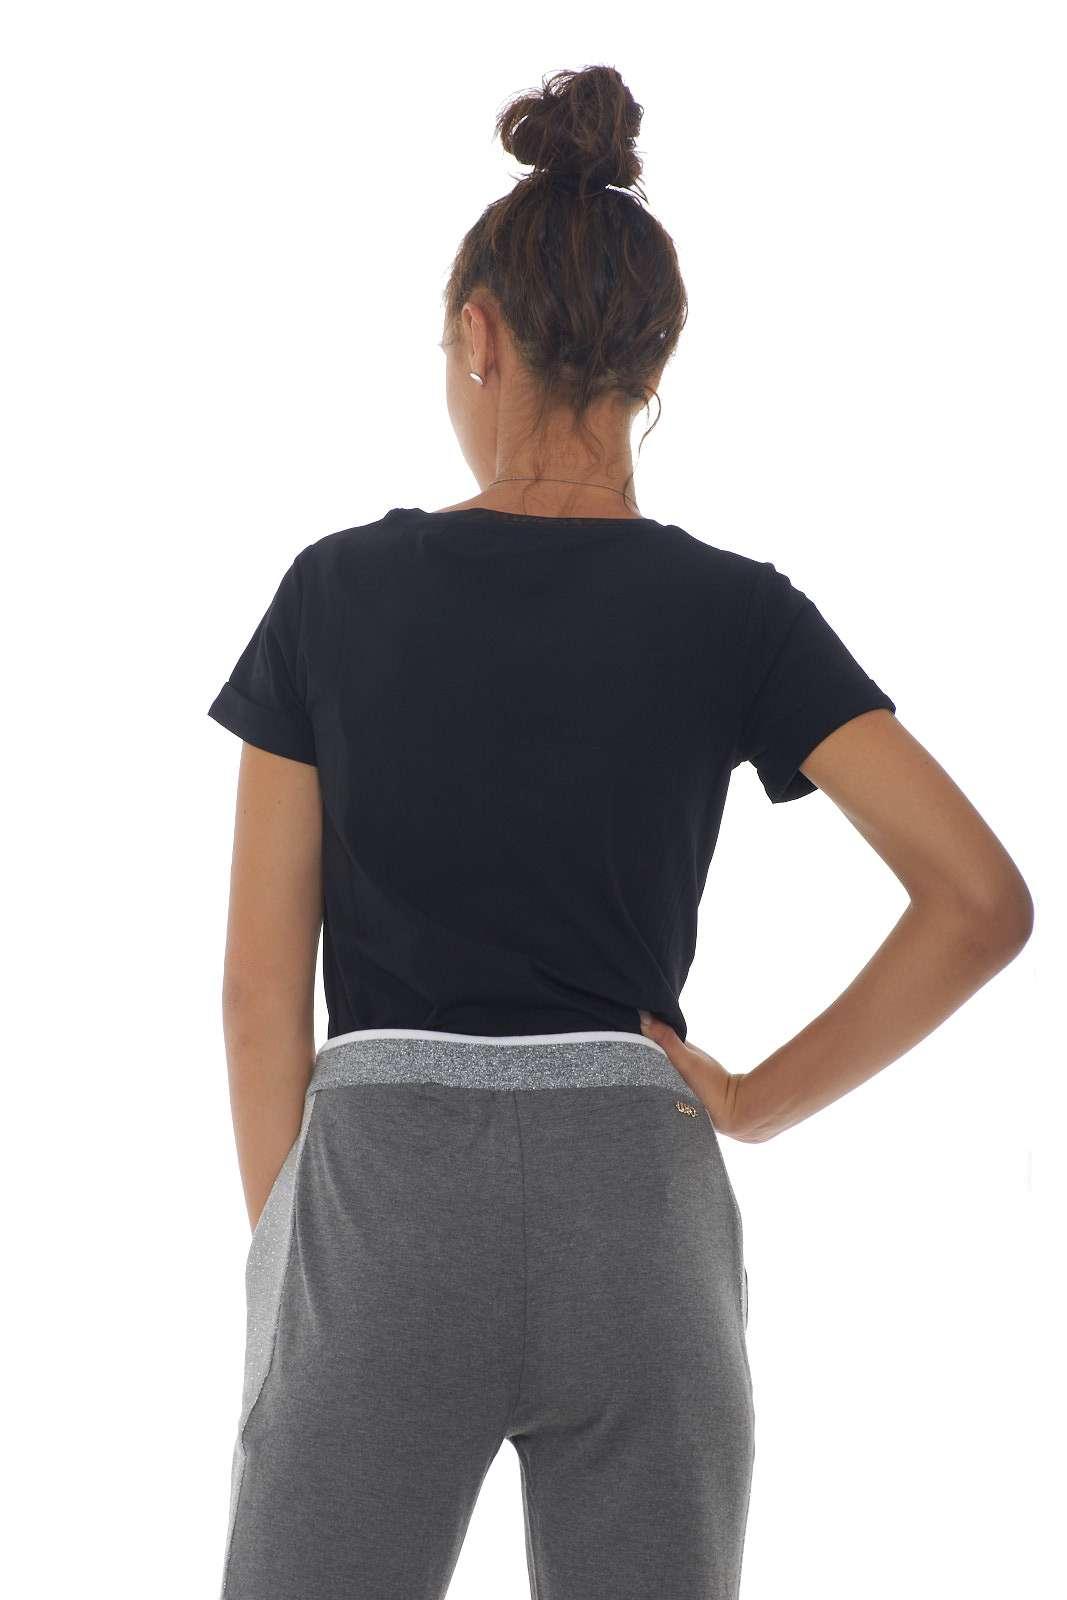 https://www.parmax.com/media/catalog/product/a/i/AI-outlet_parmax-t-shirt-donna-Liu-Jo-T69041%20J0088-C.jpg